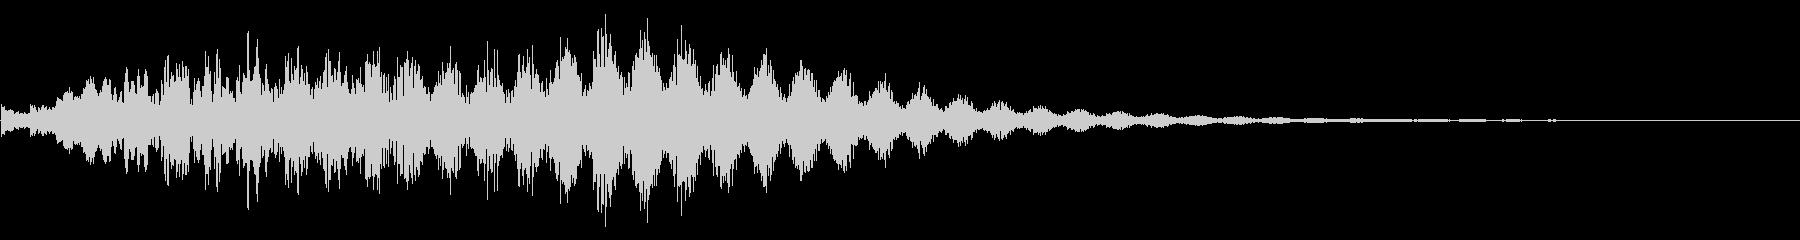 ビブラフォン:カスケード、2オクターブの未再生の波形